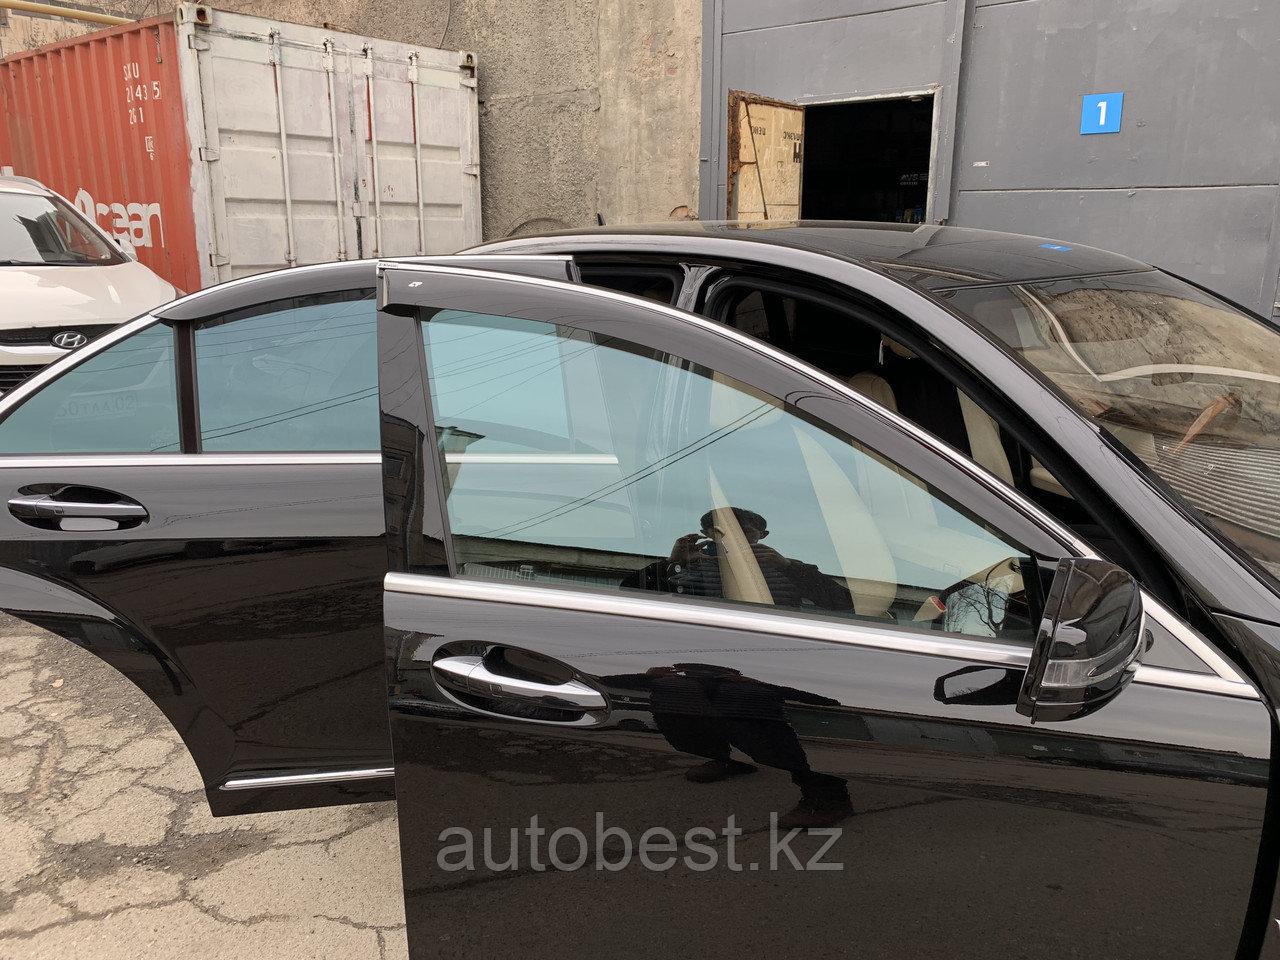 Ветровики на Mercedes- Benz на w221 Long  /дефлекторы боковых окон на мерседес, w221 и др.